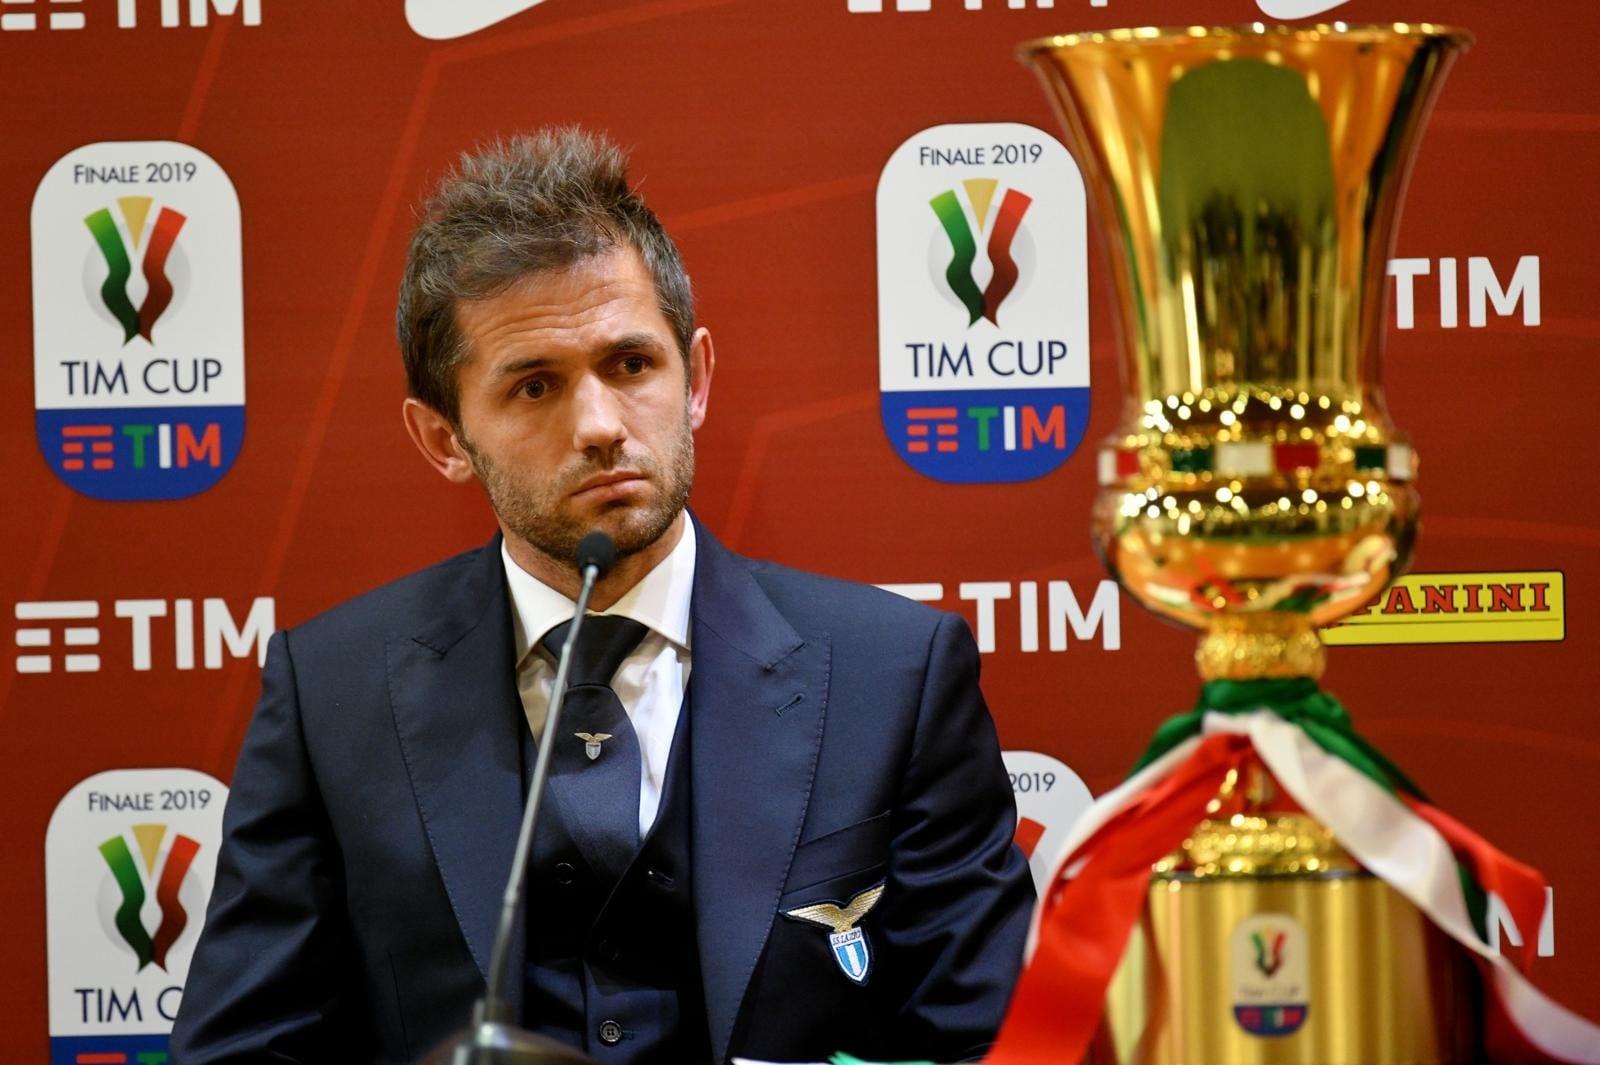 Coppa Italia, è il giorno della finale. Tennis, un mercoledì da leoni